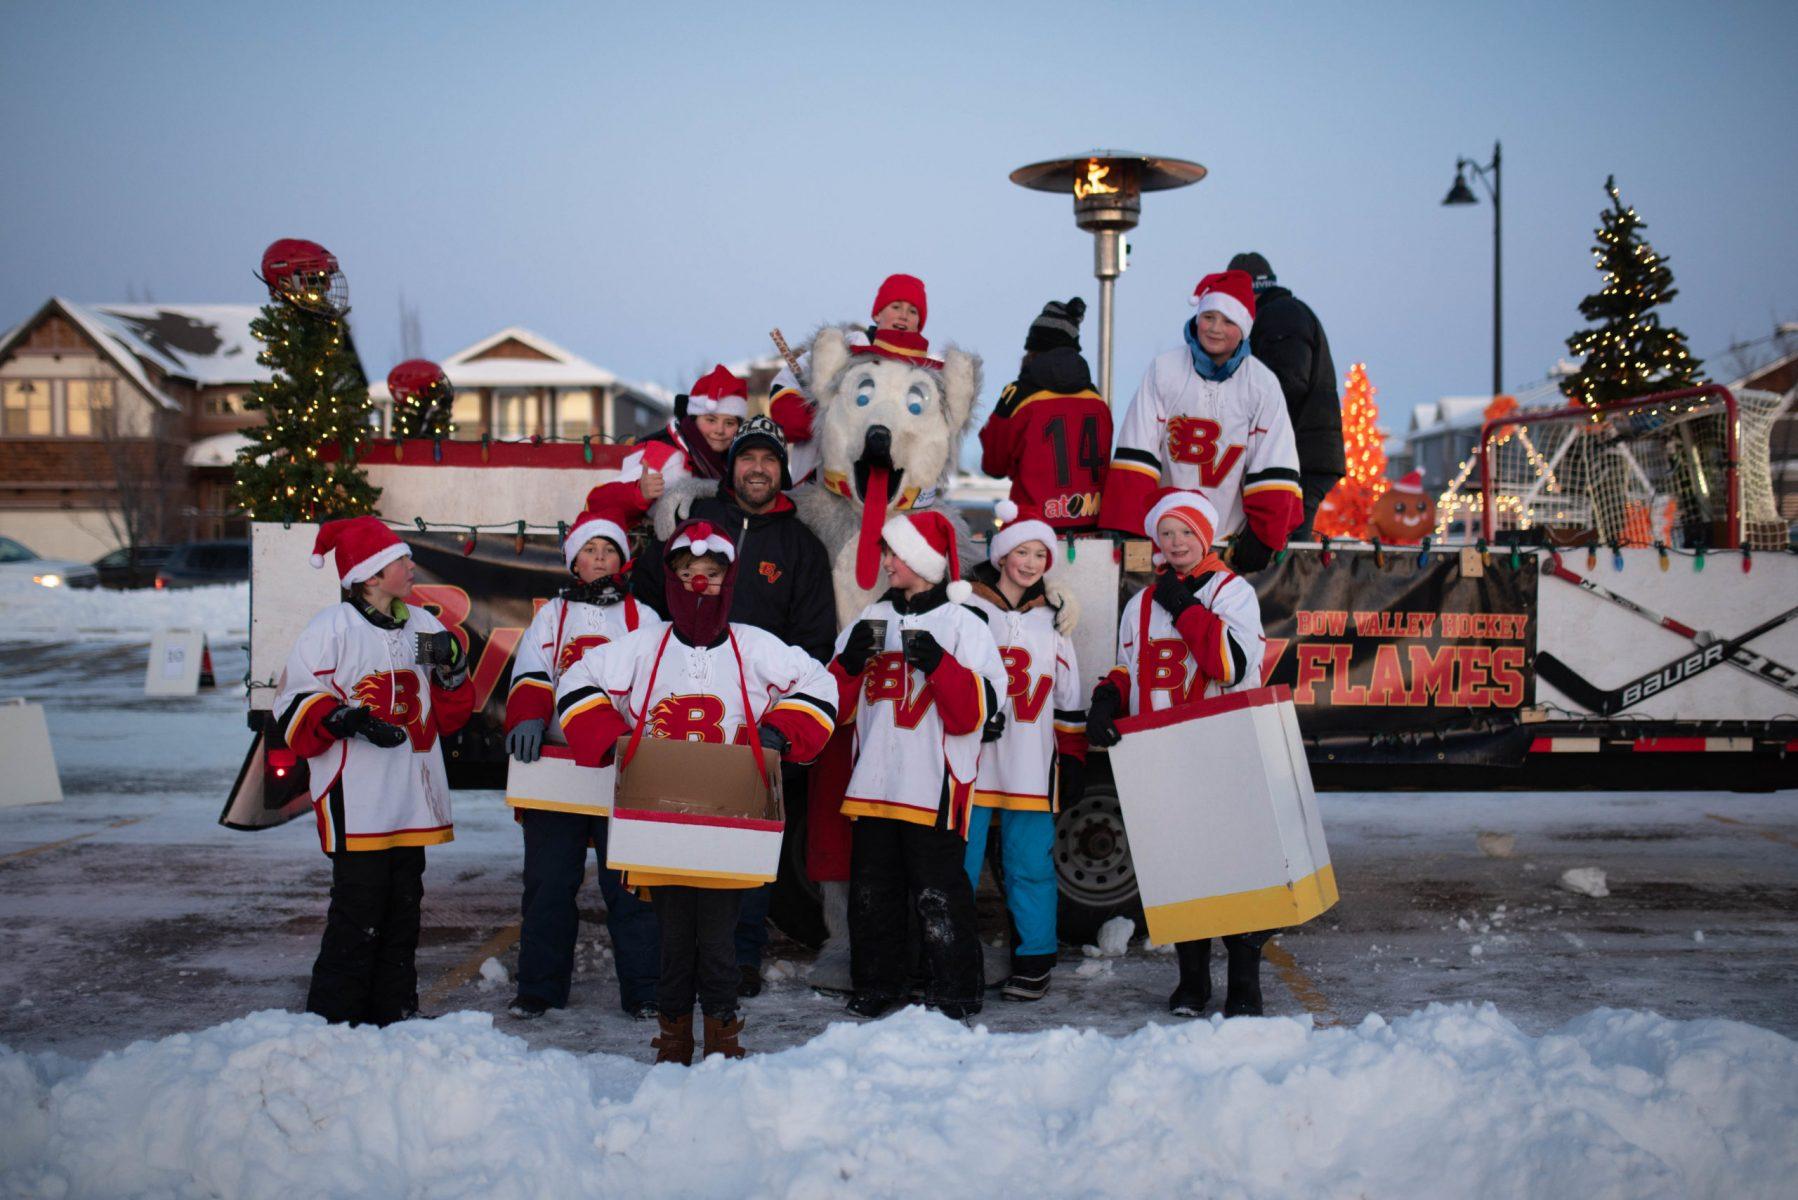 Auburn-Bay-Christmas-Parade-2019-39-scaled